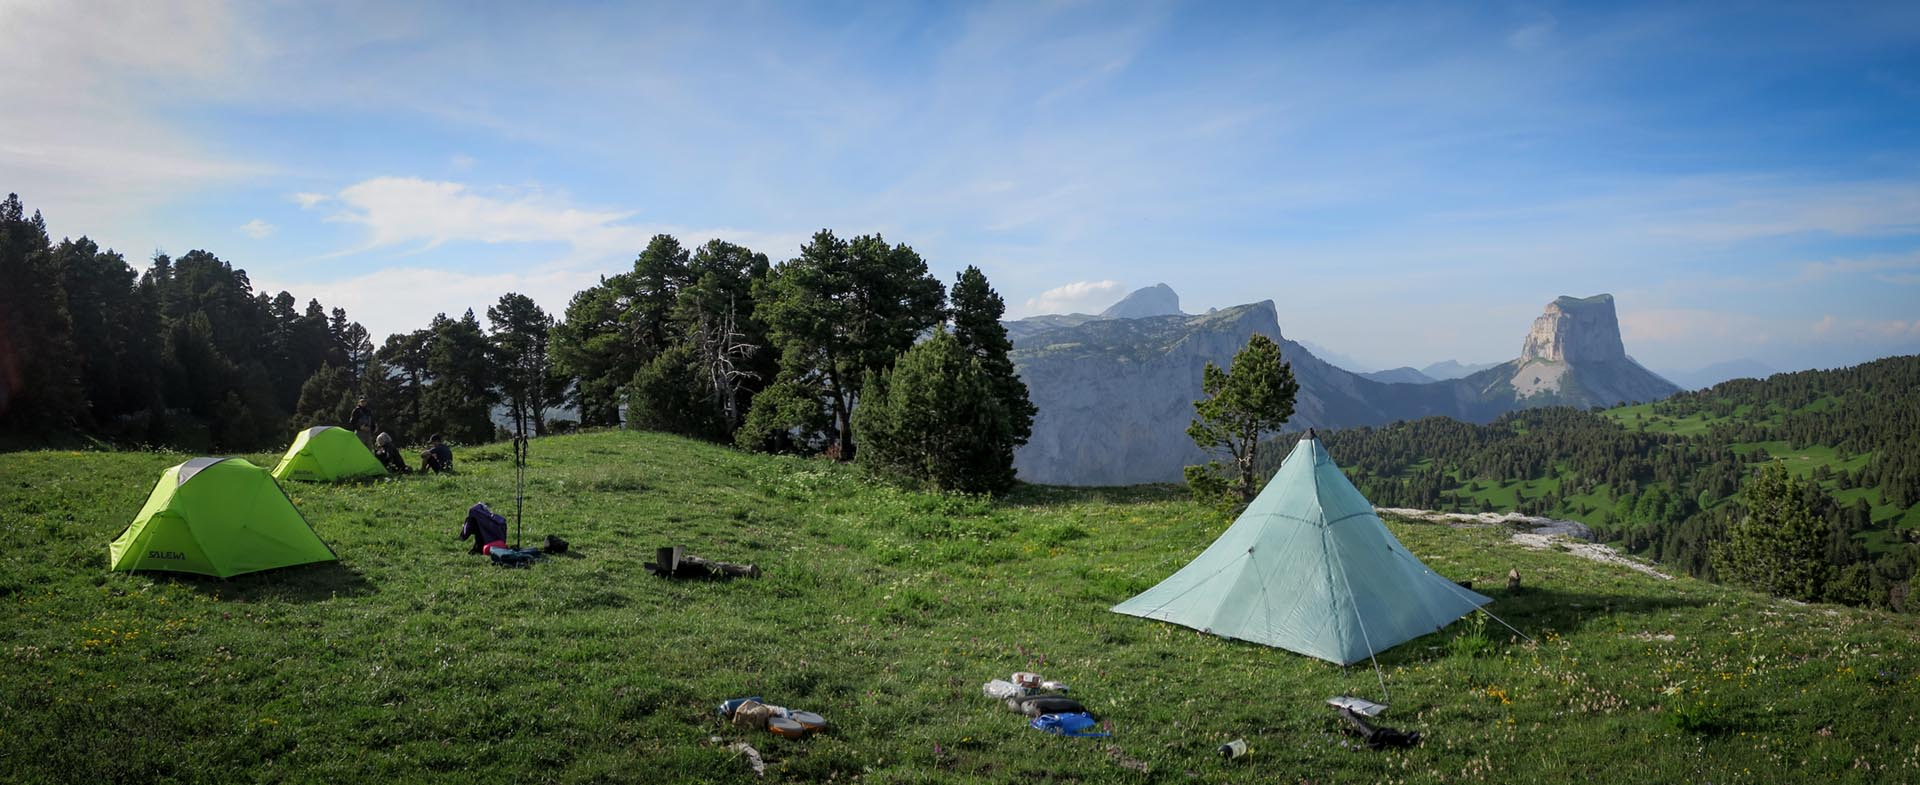 Slow Rando Reserve Hauts Plateaux Vercors Mont Aiguille Bivouac LE SPOT